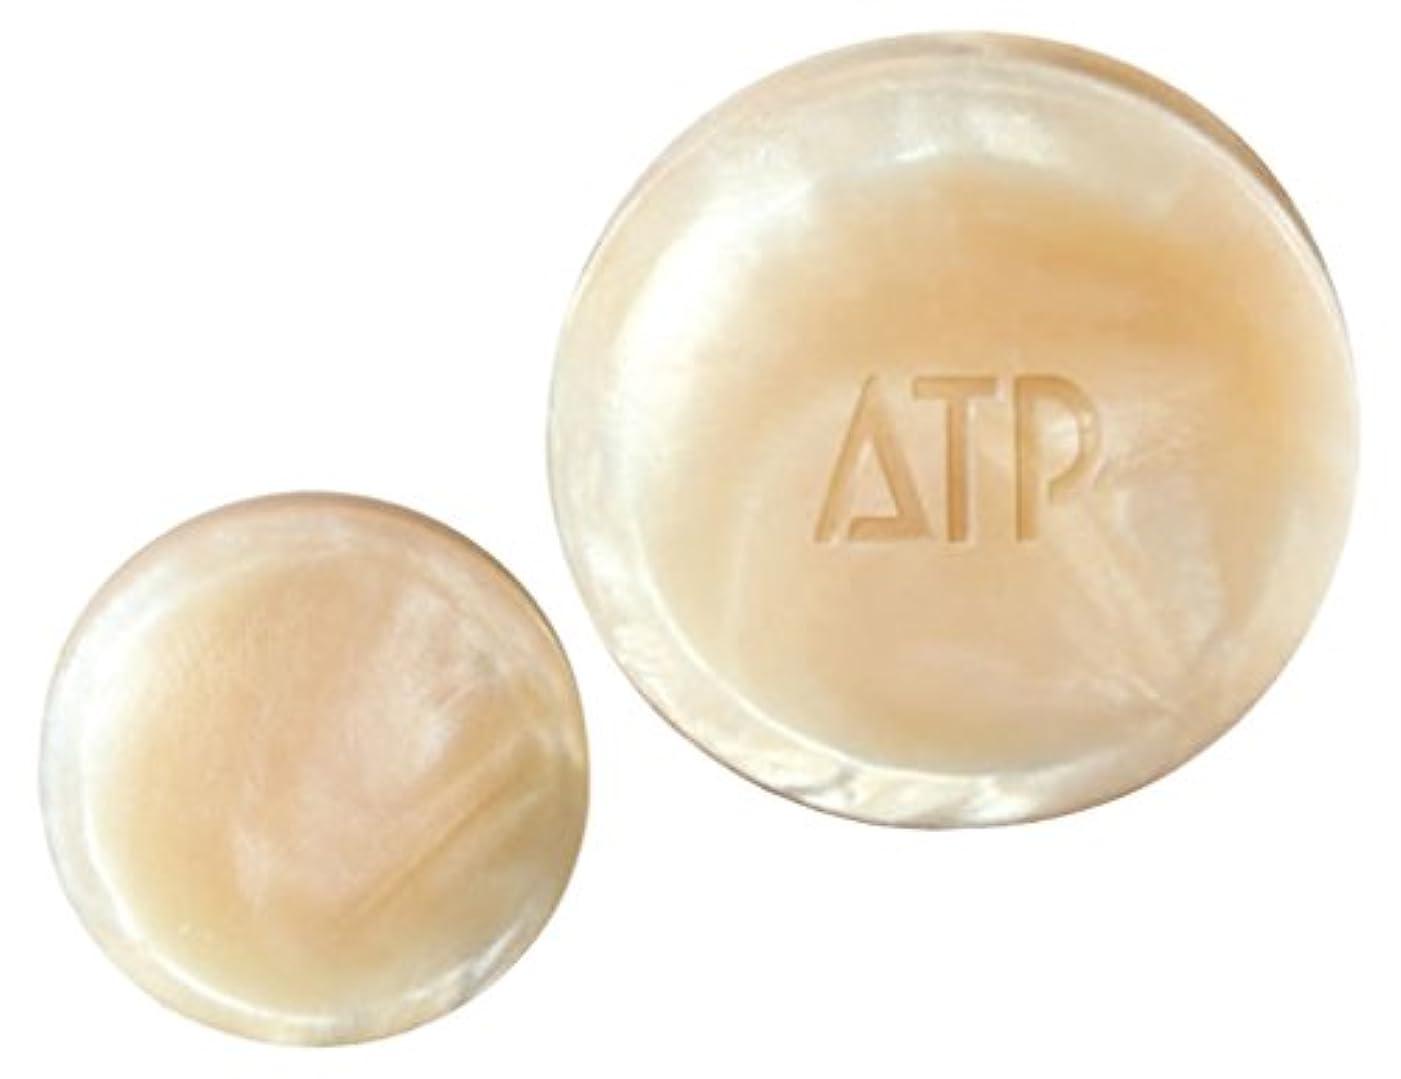 曲げる生じるアグネスグレイ薬用ATP デリケアソープ 30g (全身用洗浄石けん?枠練り) [医薬部外品]